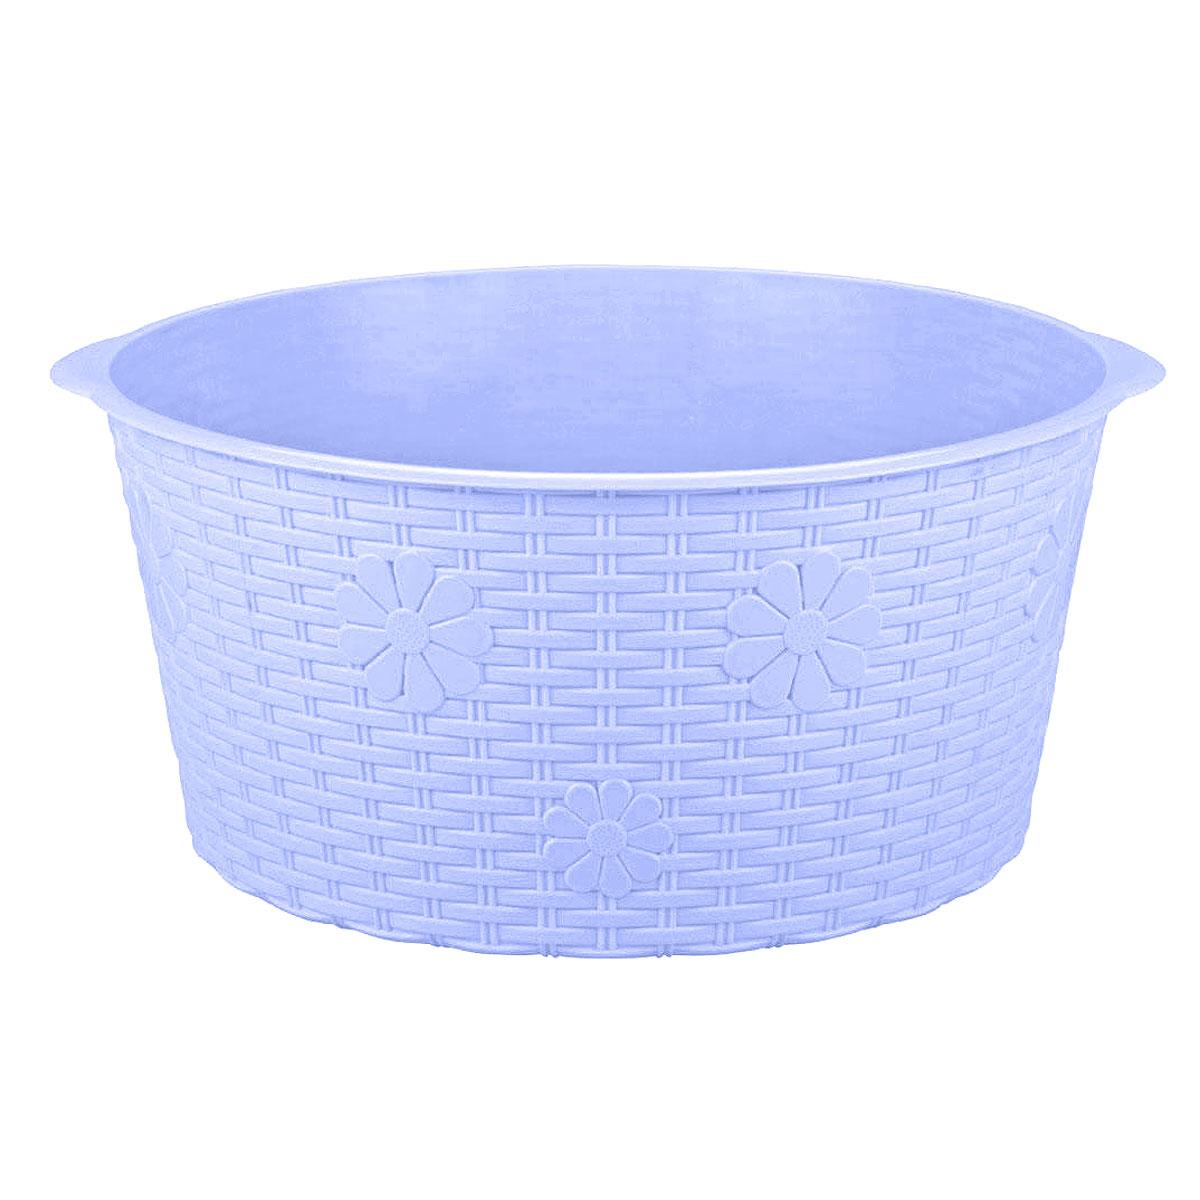 Таз Плетенка, цвет: сине-фиолетовый, 20 лМ2258Таз Плетенка изготовлен из высококачественного пластика. Он выполнен в классическом круглом варианте. Для удобного использования таз снабжен двумя ручками. Таз предназначен для стирки и хранения разных вещей. Он пригодится в любом хозяйстве. Объем: 20 л. Диаметр (по верхнему краю с учетом ручек): 45 см. Диаметр (по верхнему краю без учета ручек): 42 см. Высота: 20 см.